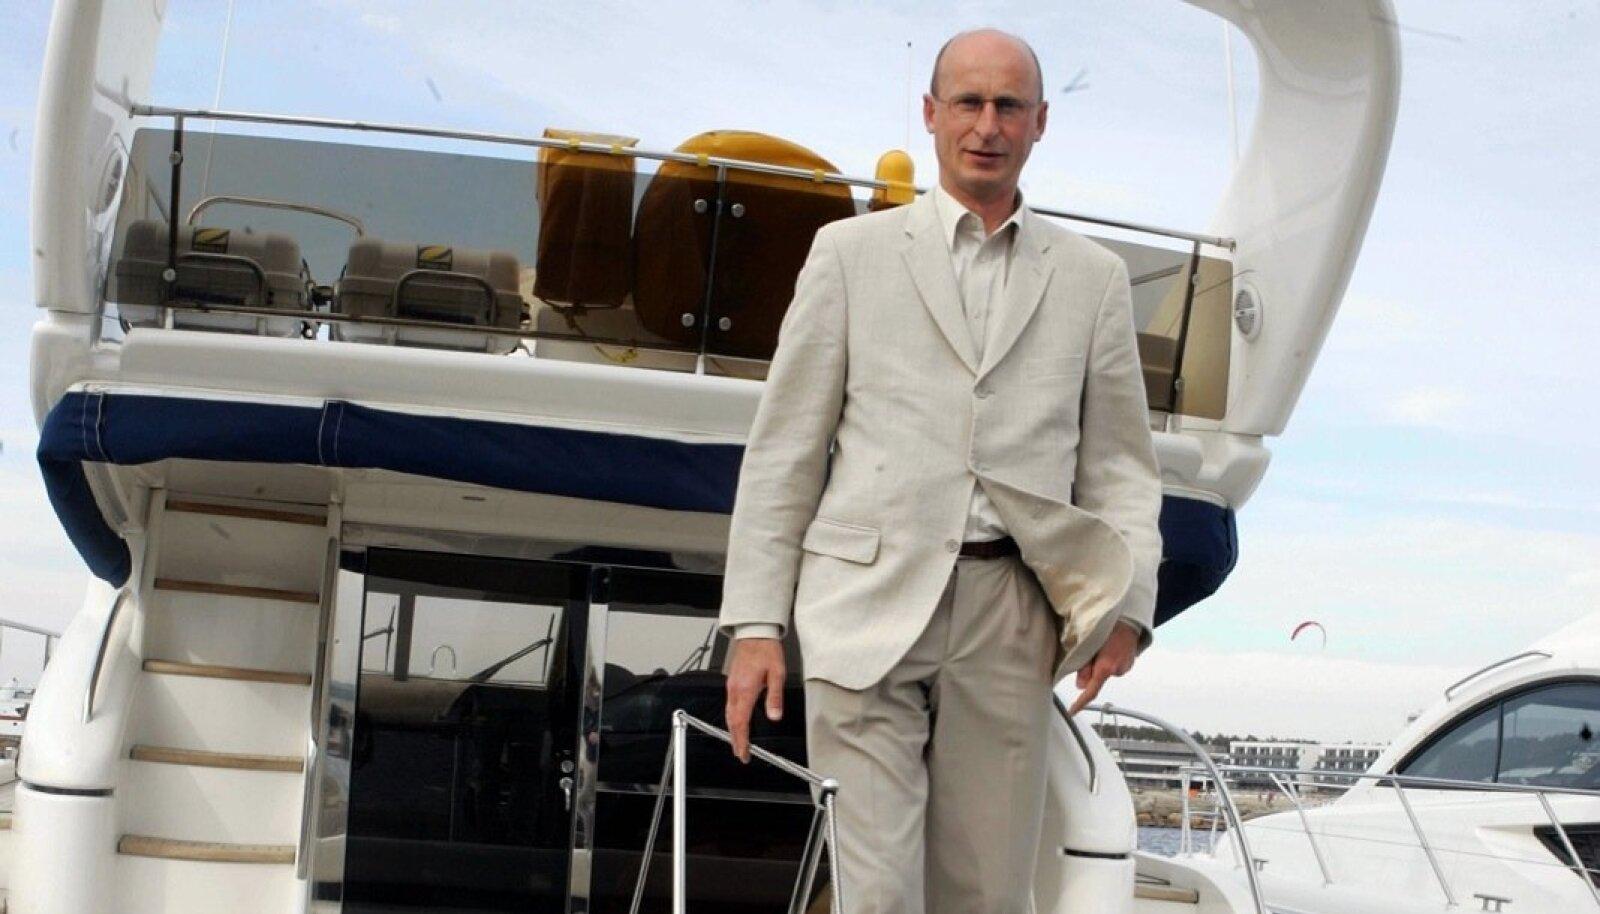 Nii Tallinna kui Monaco jahtklubi liige Viktor Siilats on teinud sammu turismiärisse ning soetanud arendamiseks suuremat ja väiksemat kinnisvara.